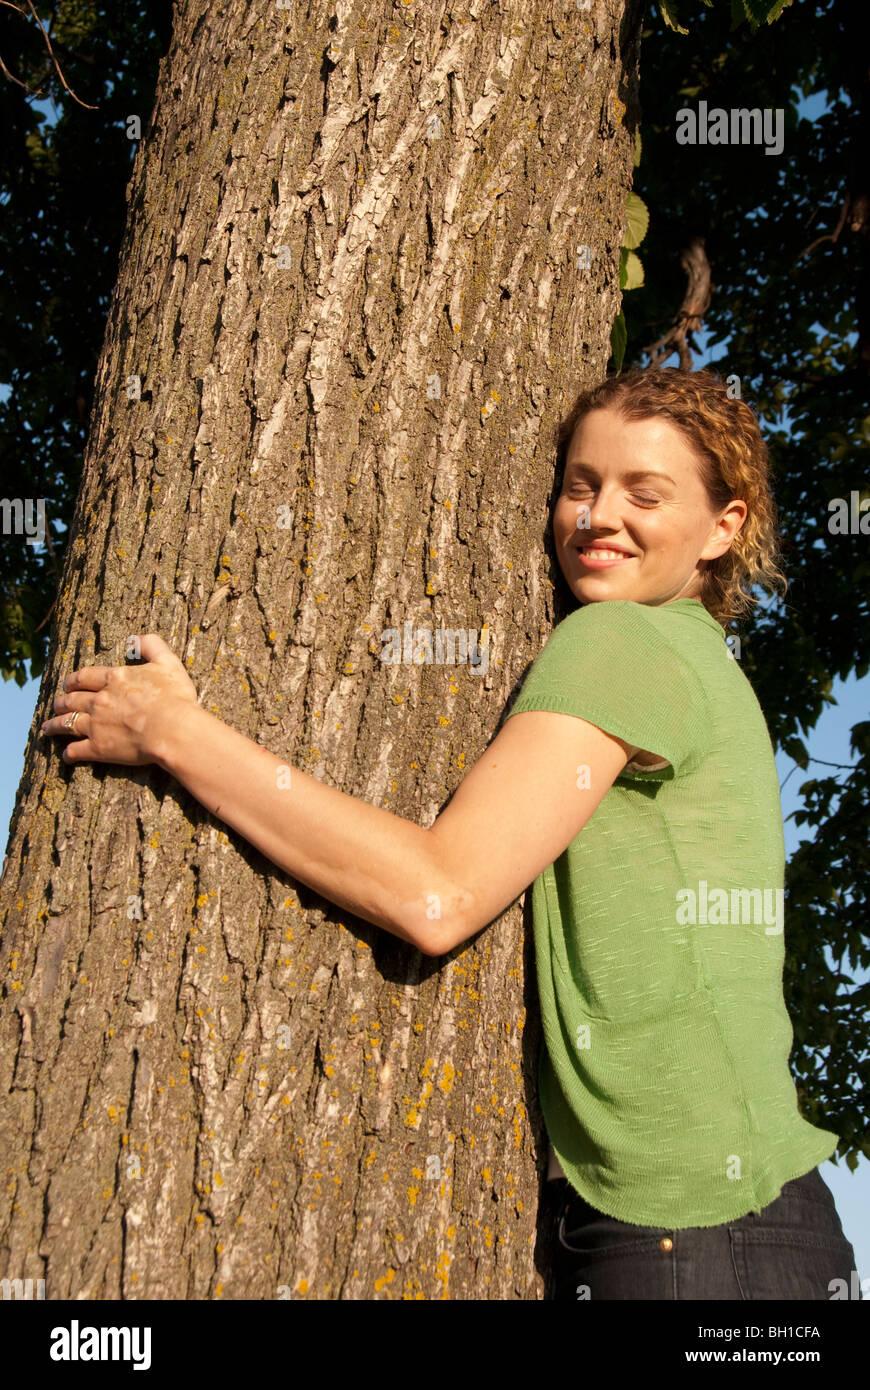 Mujer en sus 40's abrazos árbol en Assiniboine Park, Winnipeg, Manitoba, Canadá Imagen De Stock